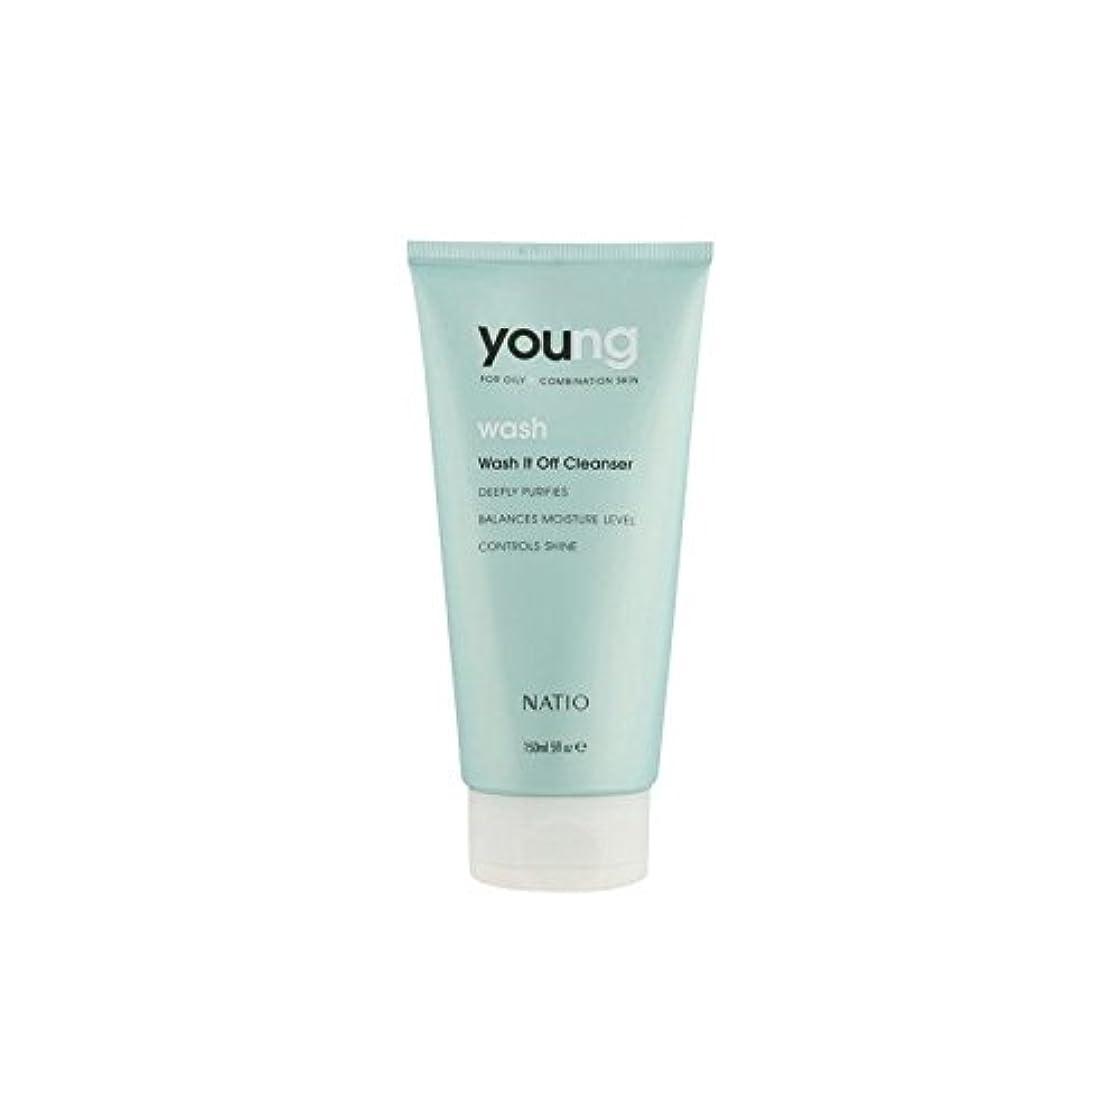 逆さまに理容師バリケードNatio Young Wash It Off Cleanser (150ml) (Pack of 6) - 若いウォッシュそれオフクレンザー(150ミリリットル) x6 [並行輸入品]